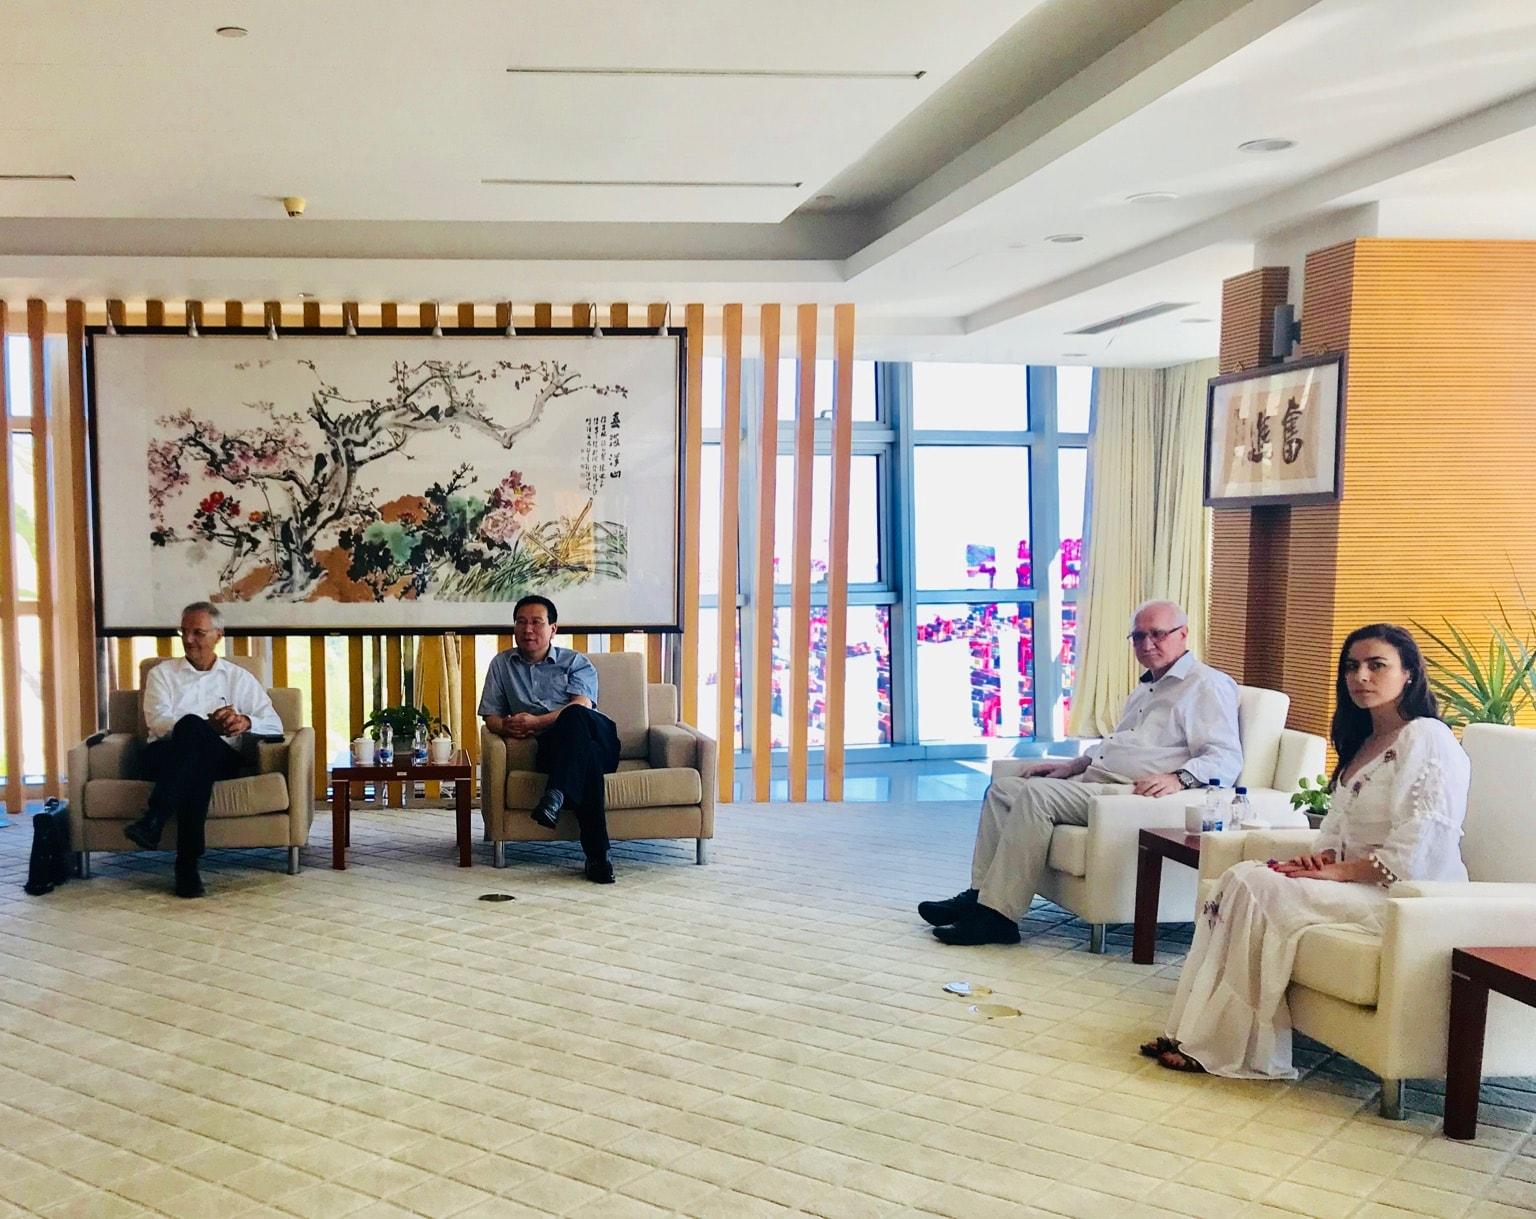 Intalnire cu directorul portului Shanghai